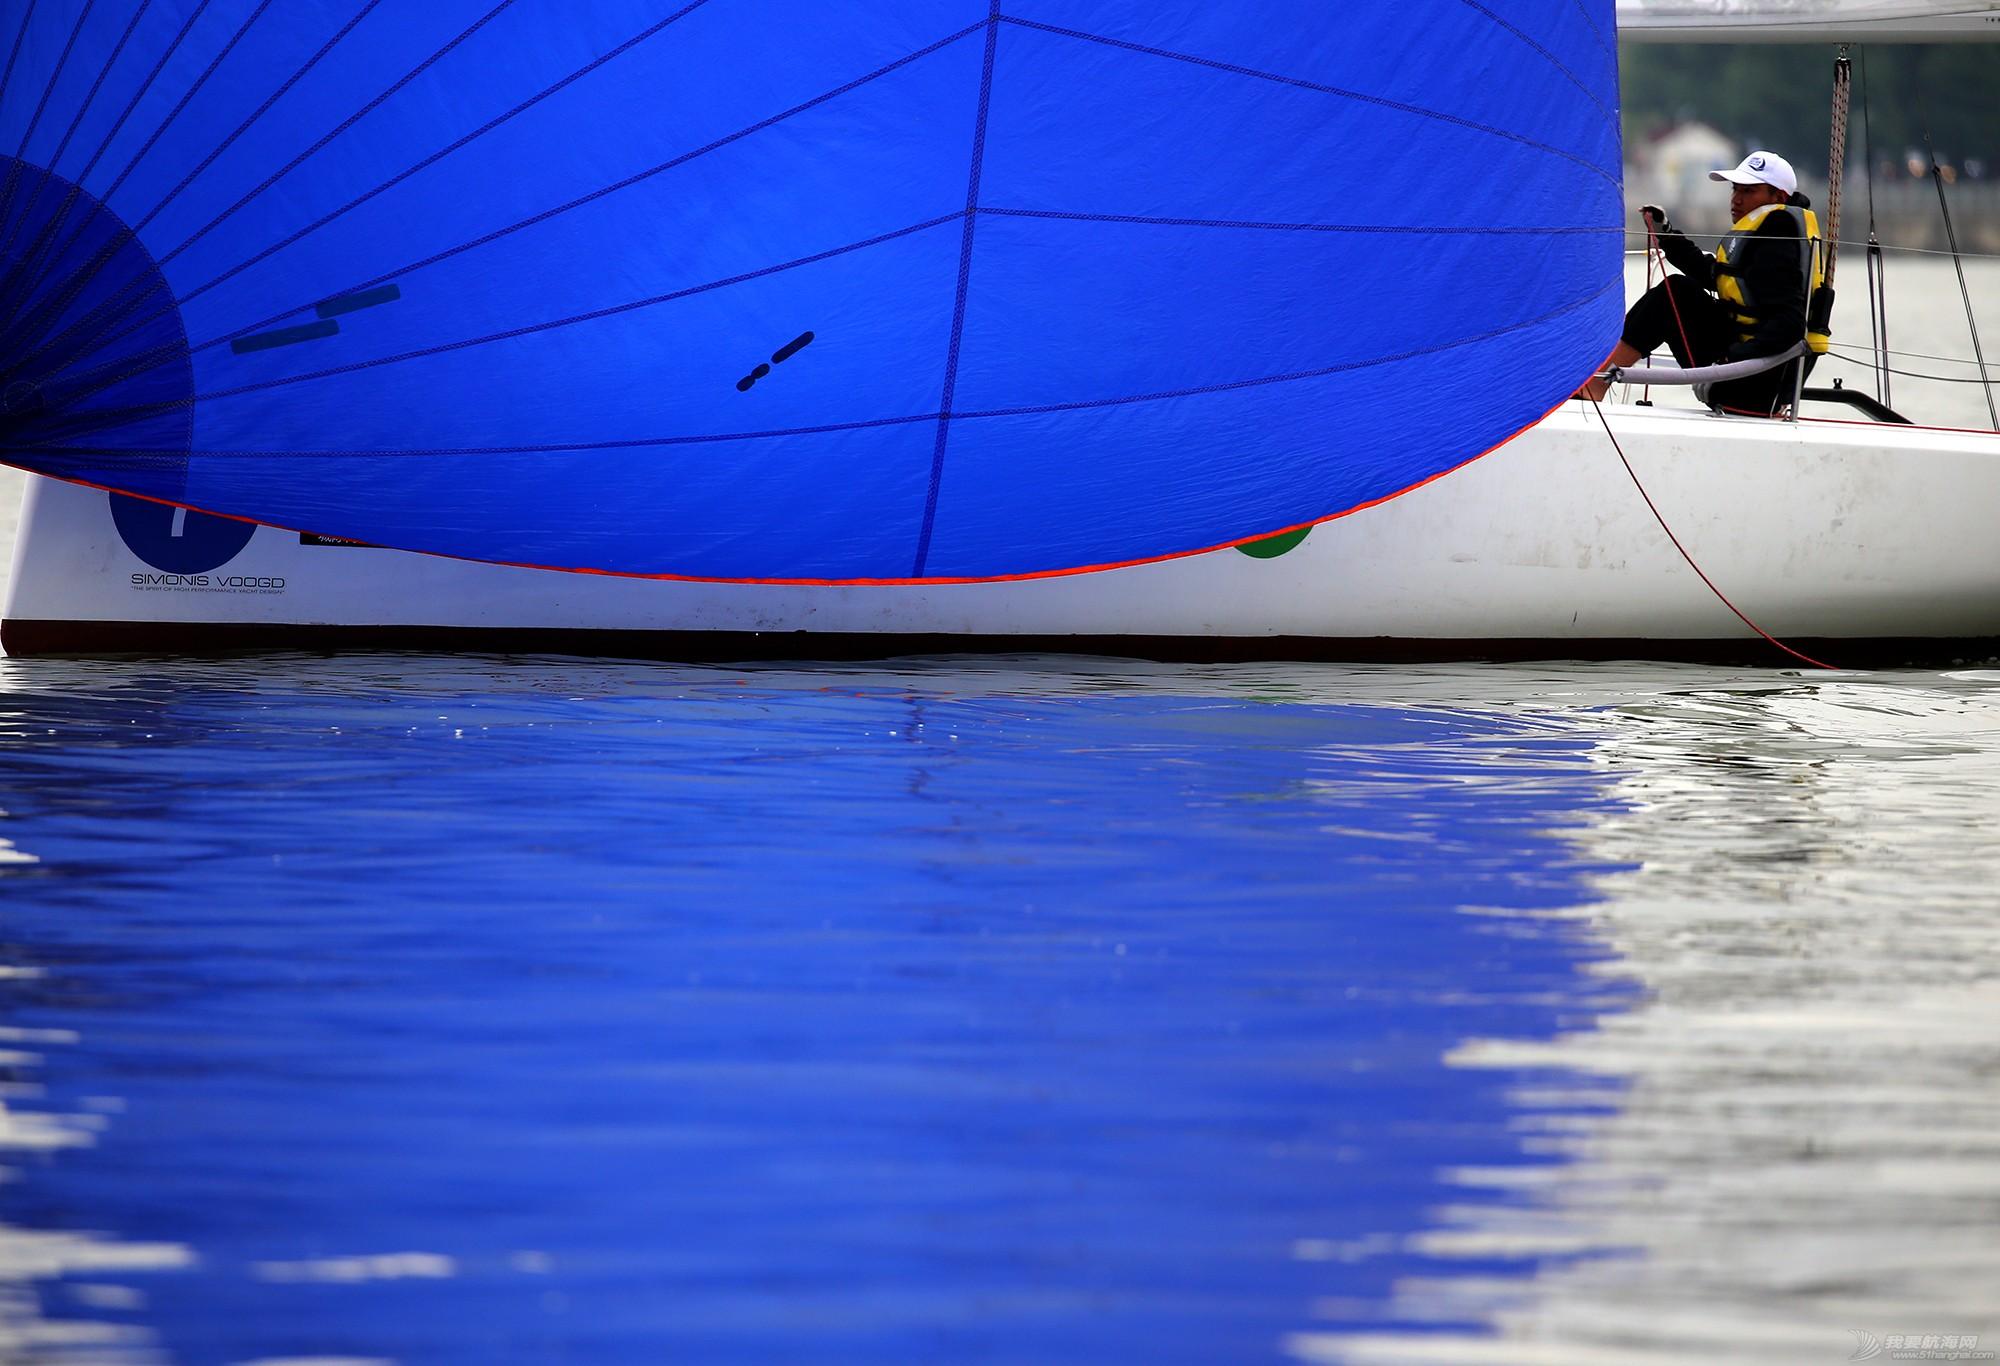 帆船,空间 帆船是灰度空间里跳动的彩色音符 E78W9687.JPG